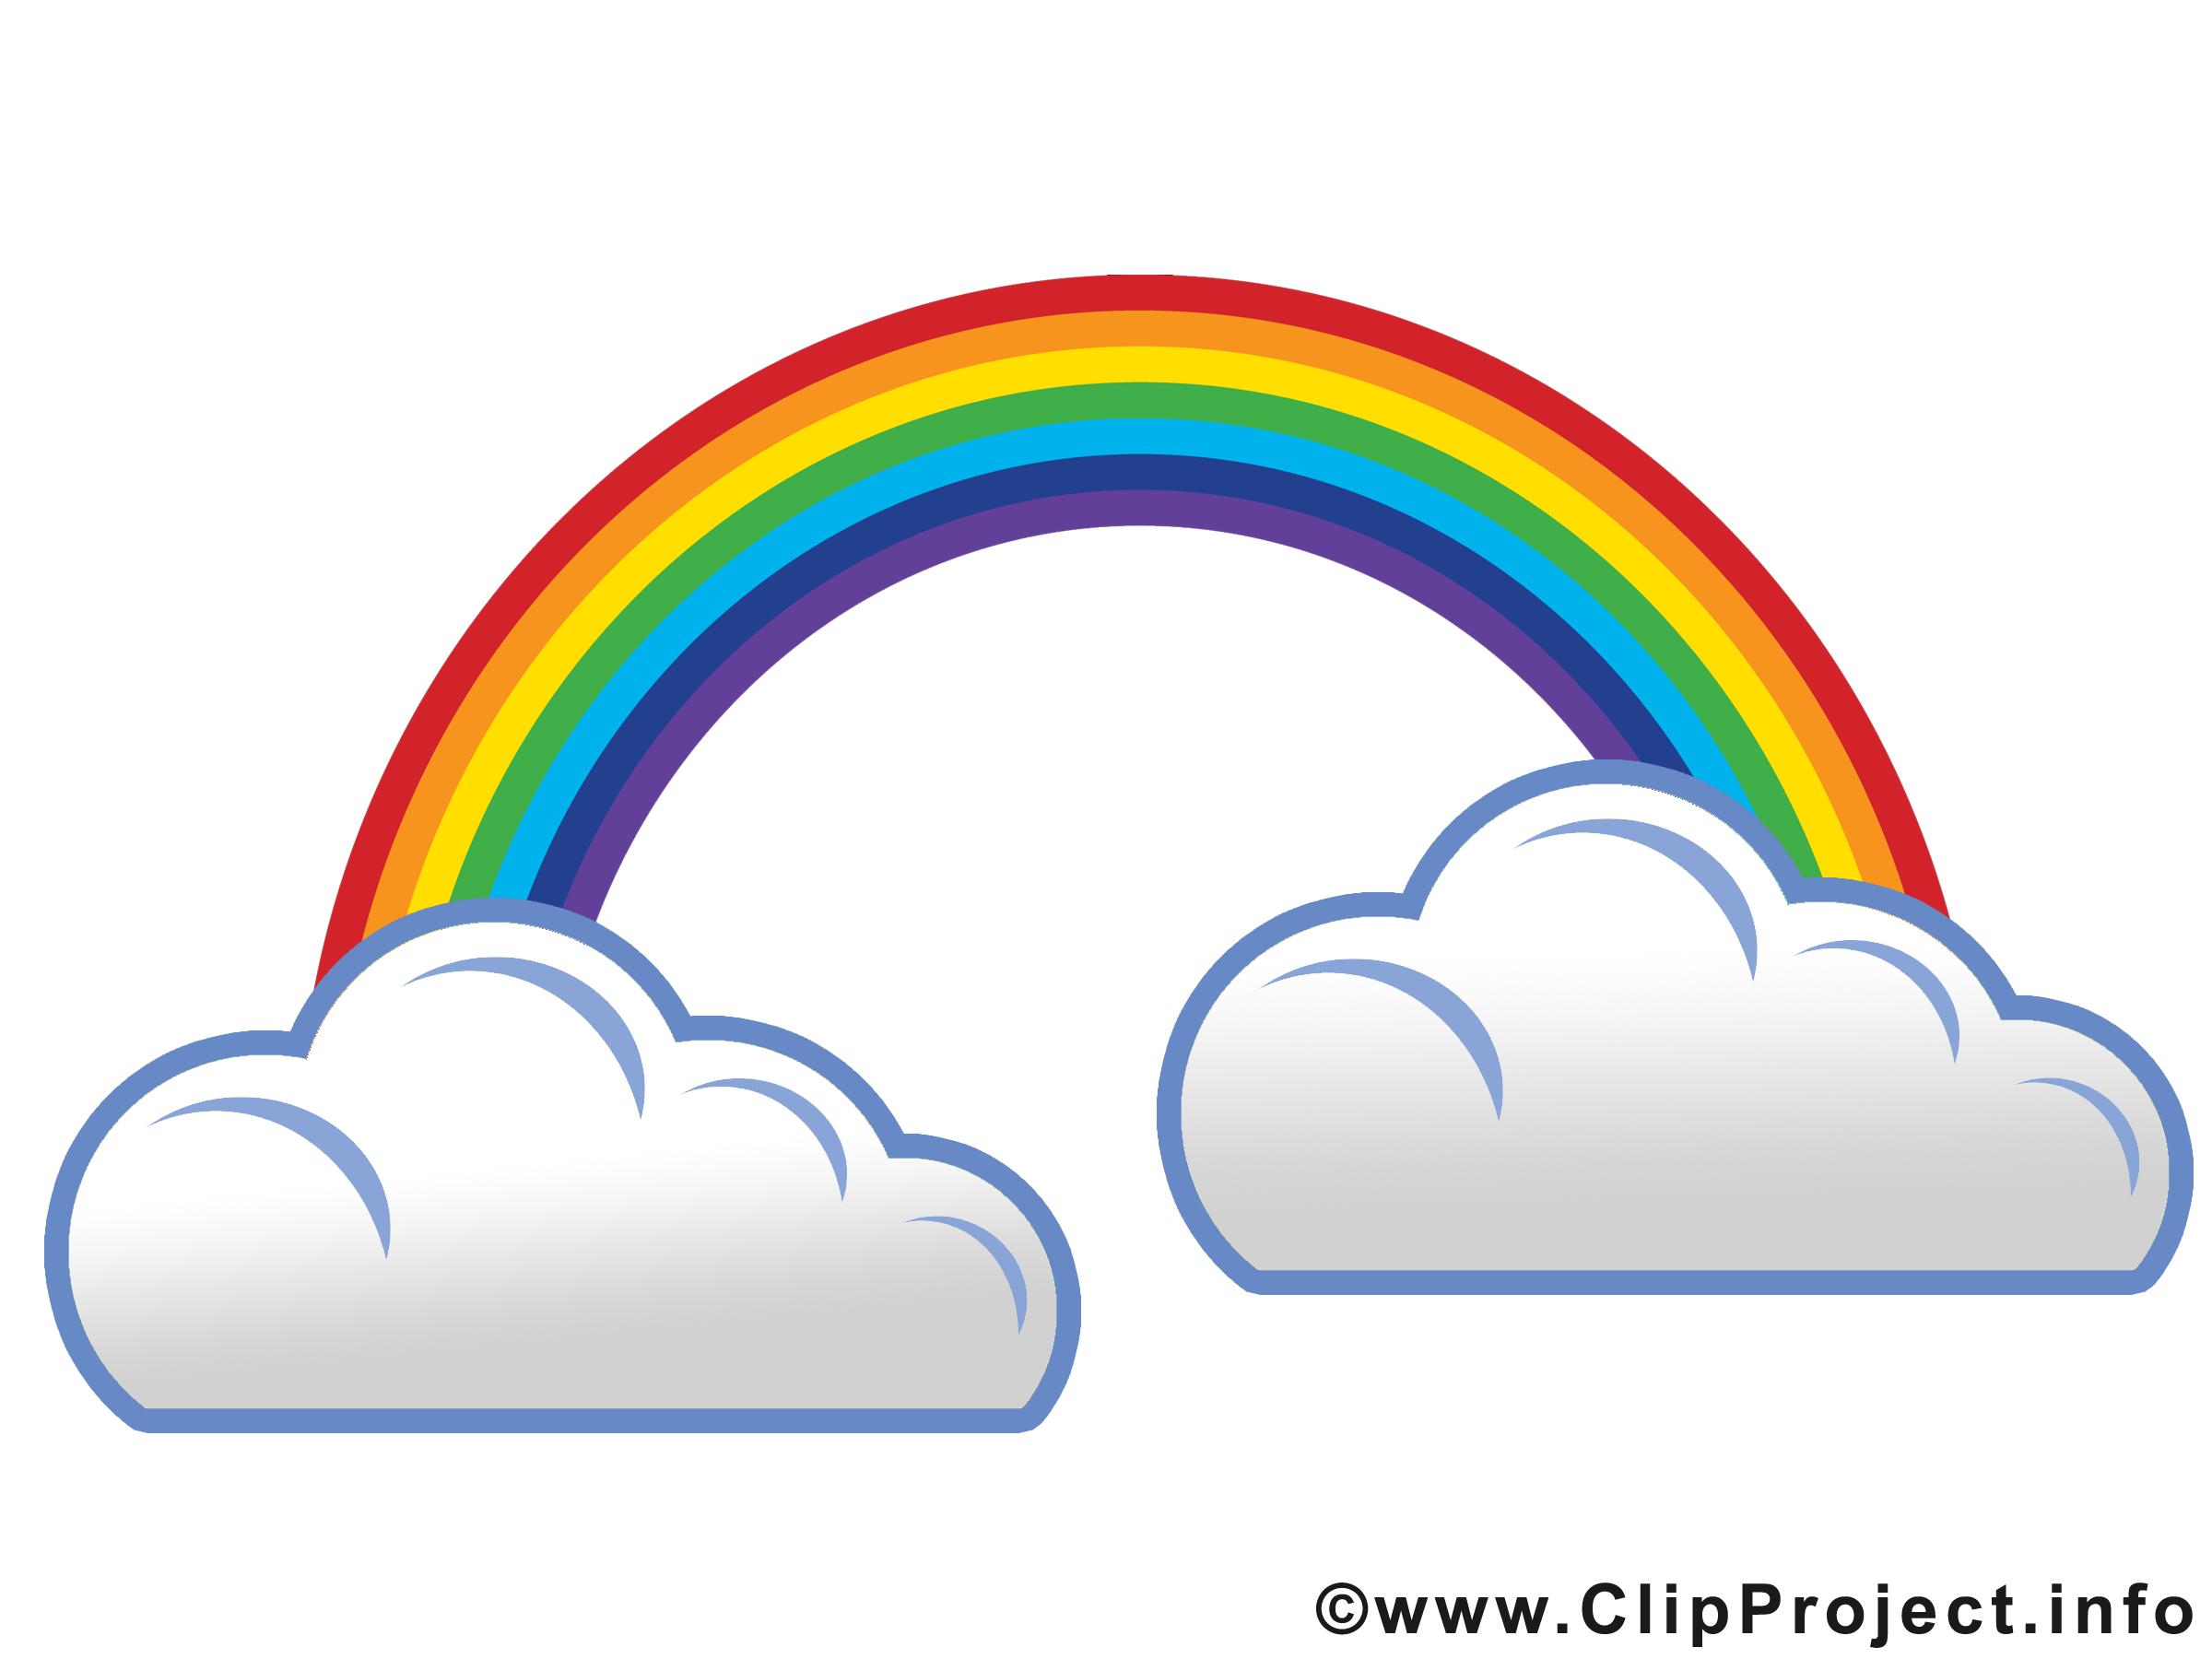 Regenbogen und Regenwolken Image.